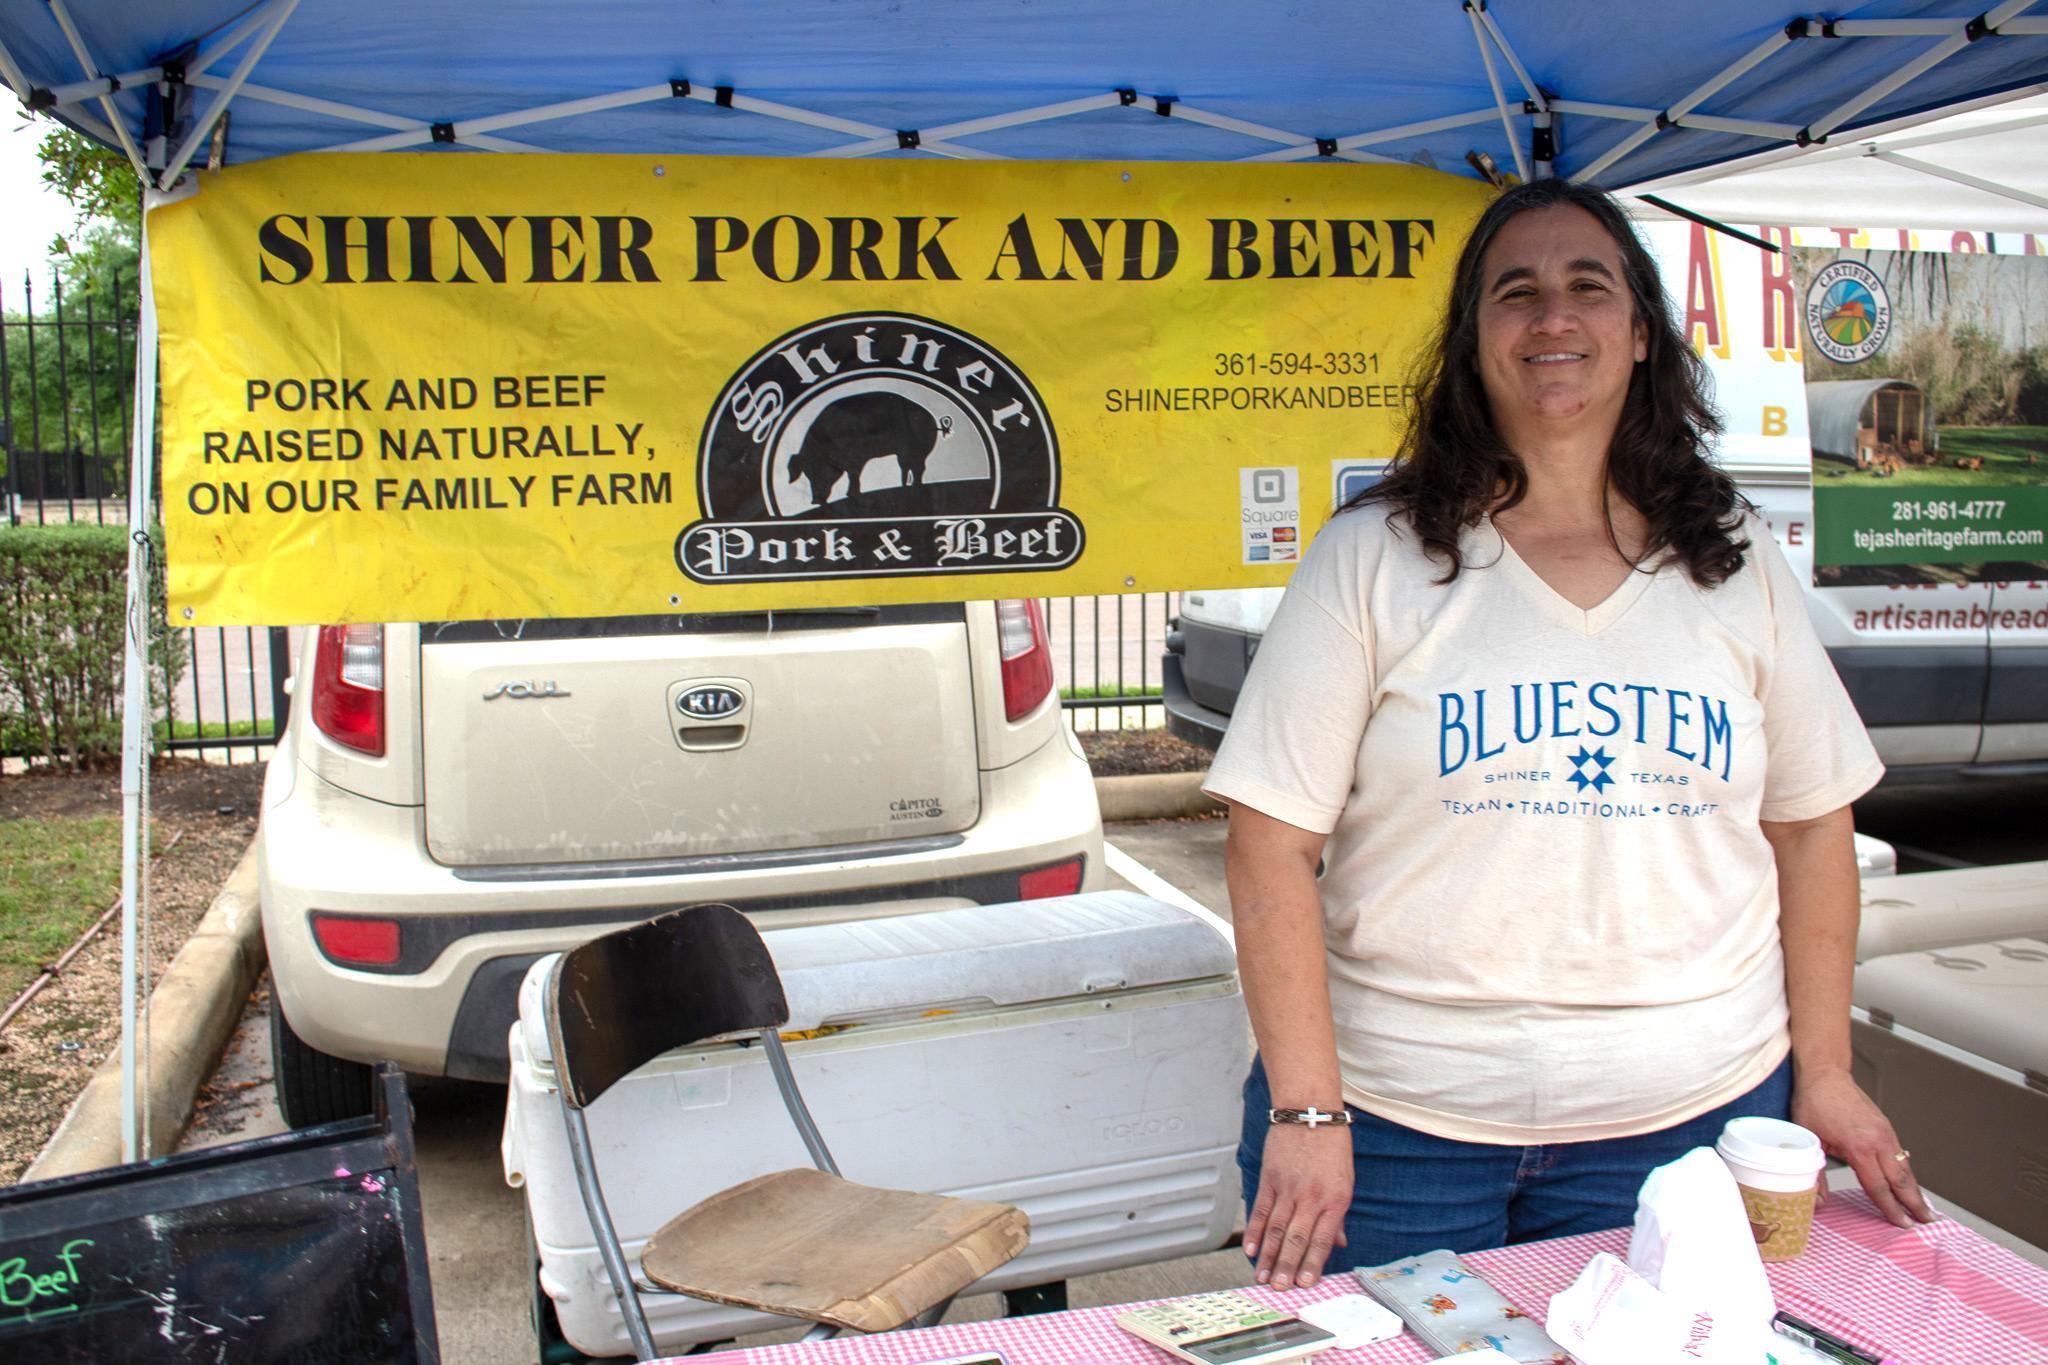 Shiner Pork & Beef